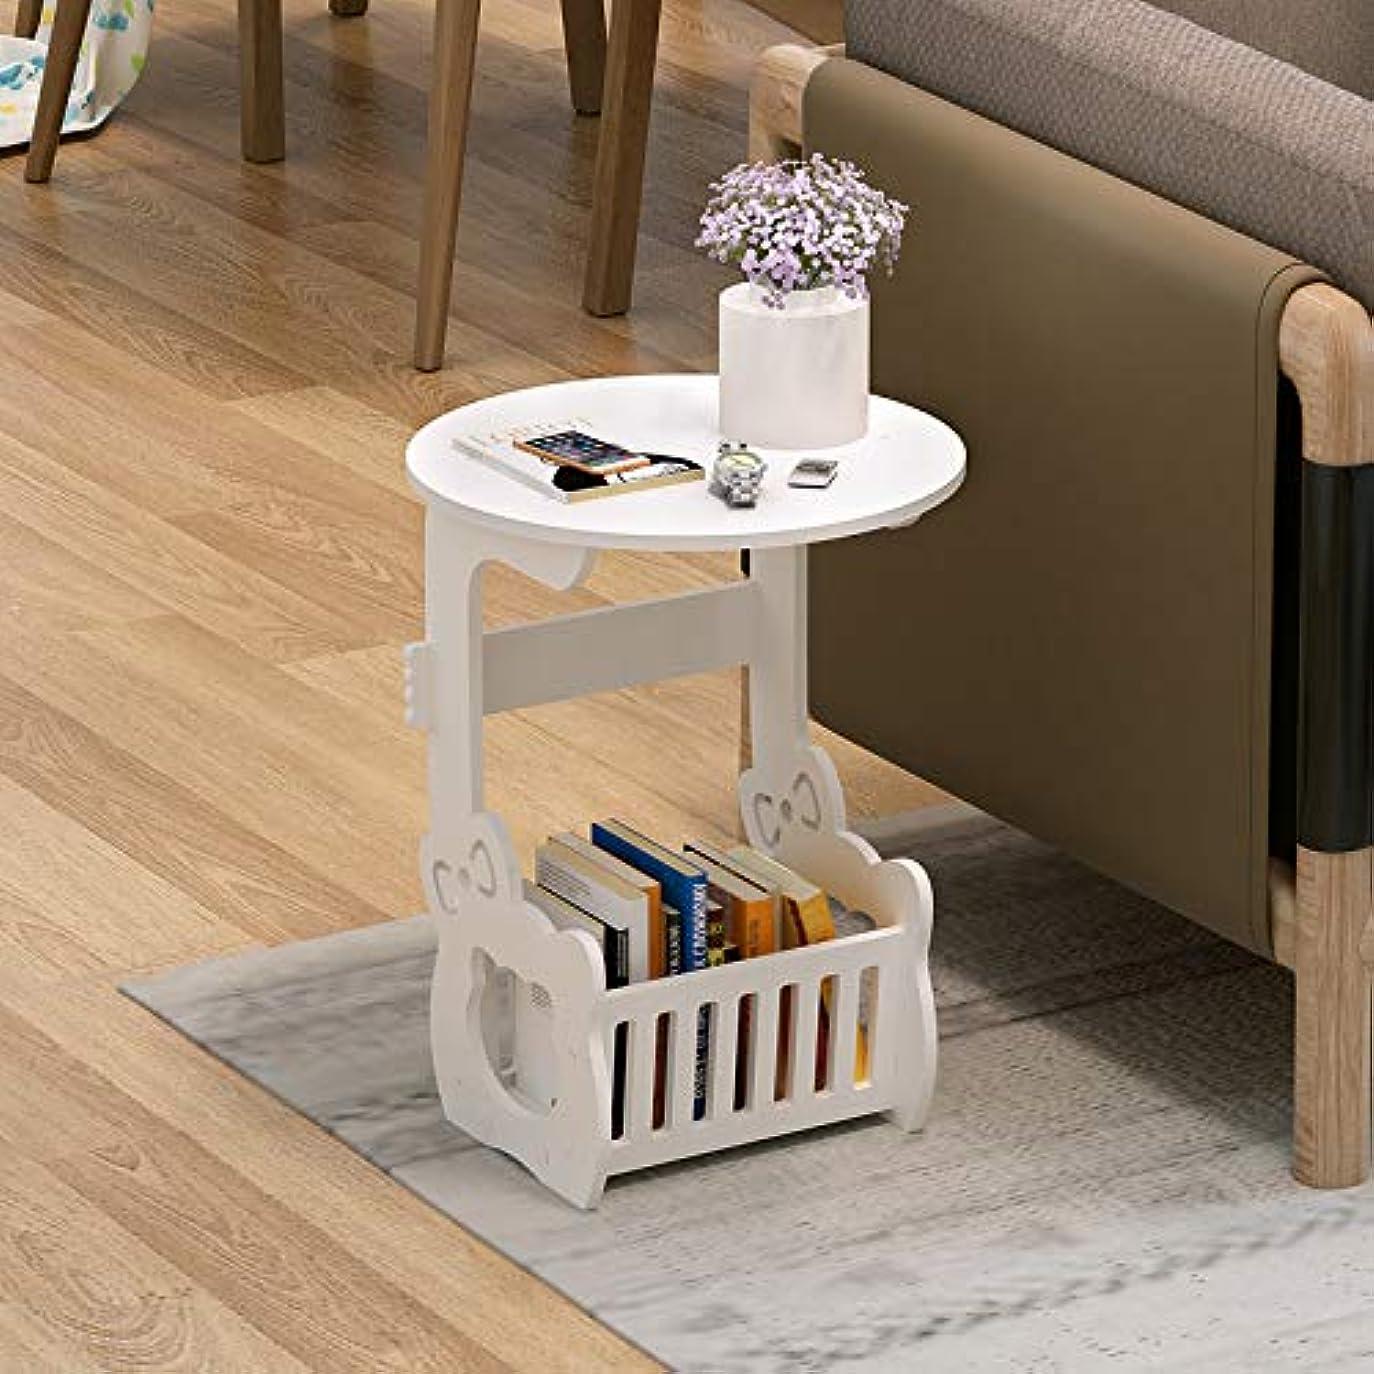 トイレリダクター義務Love life ベッドサイドの小さな丸いテーブルのリビングルーム、小さな丸いレジャーティーテーブル